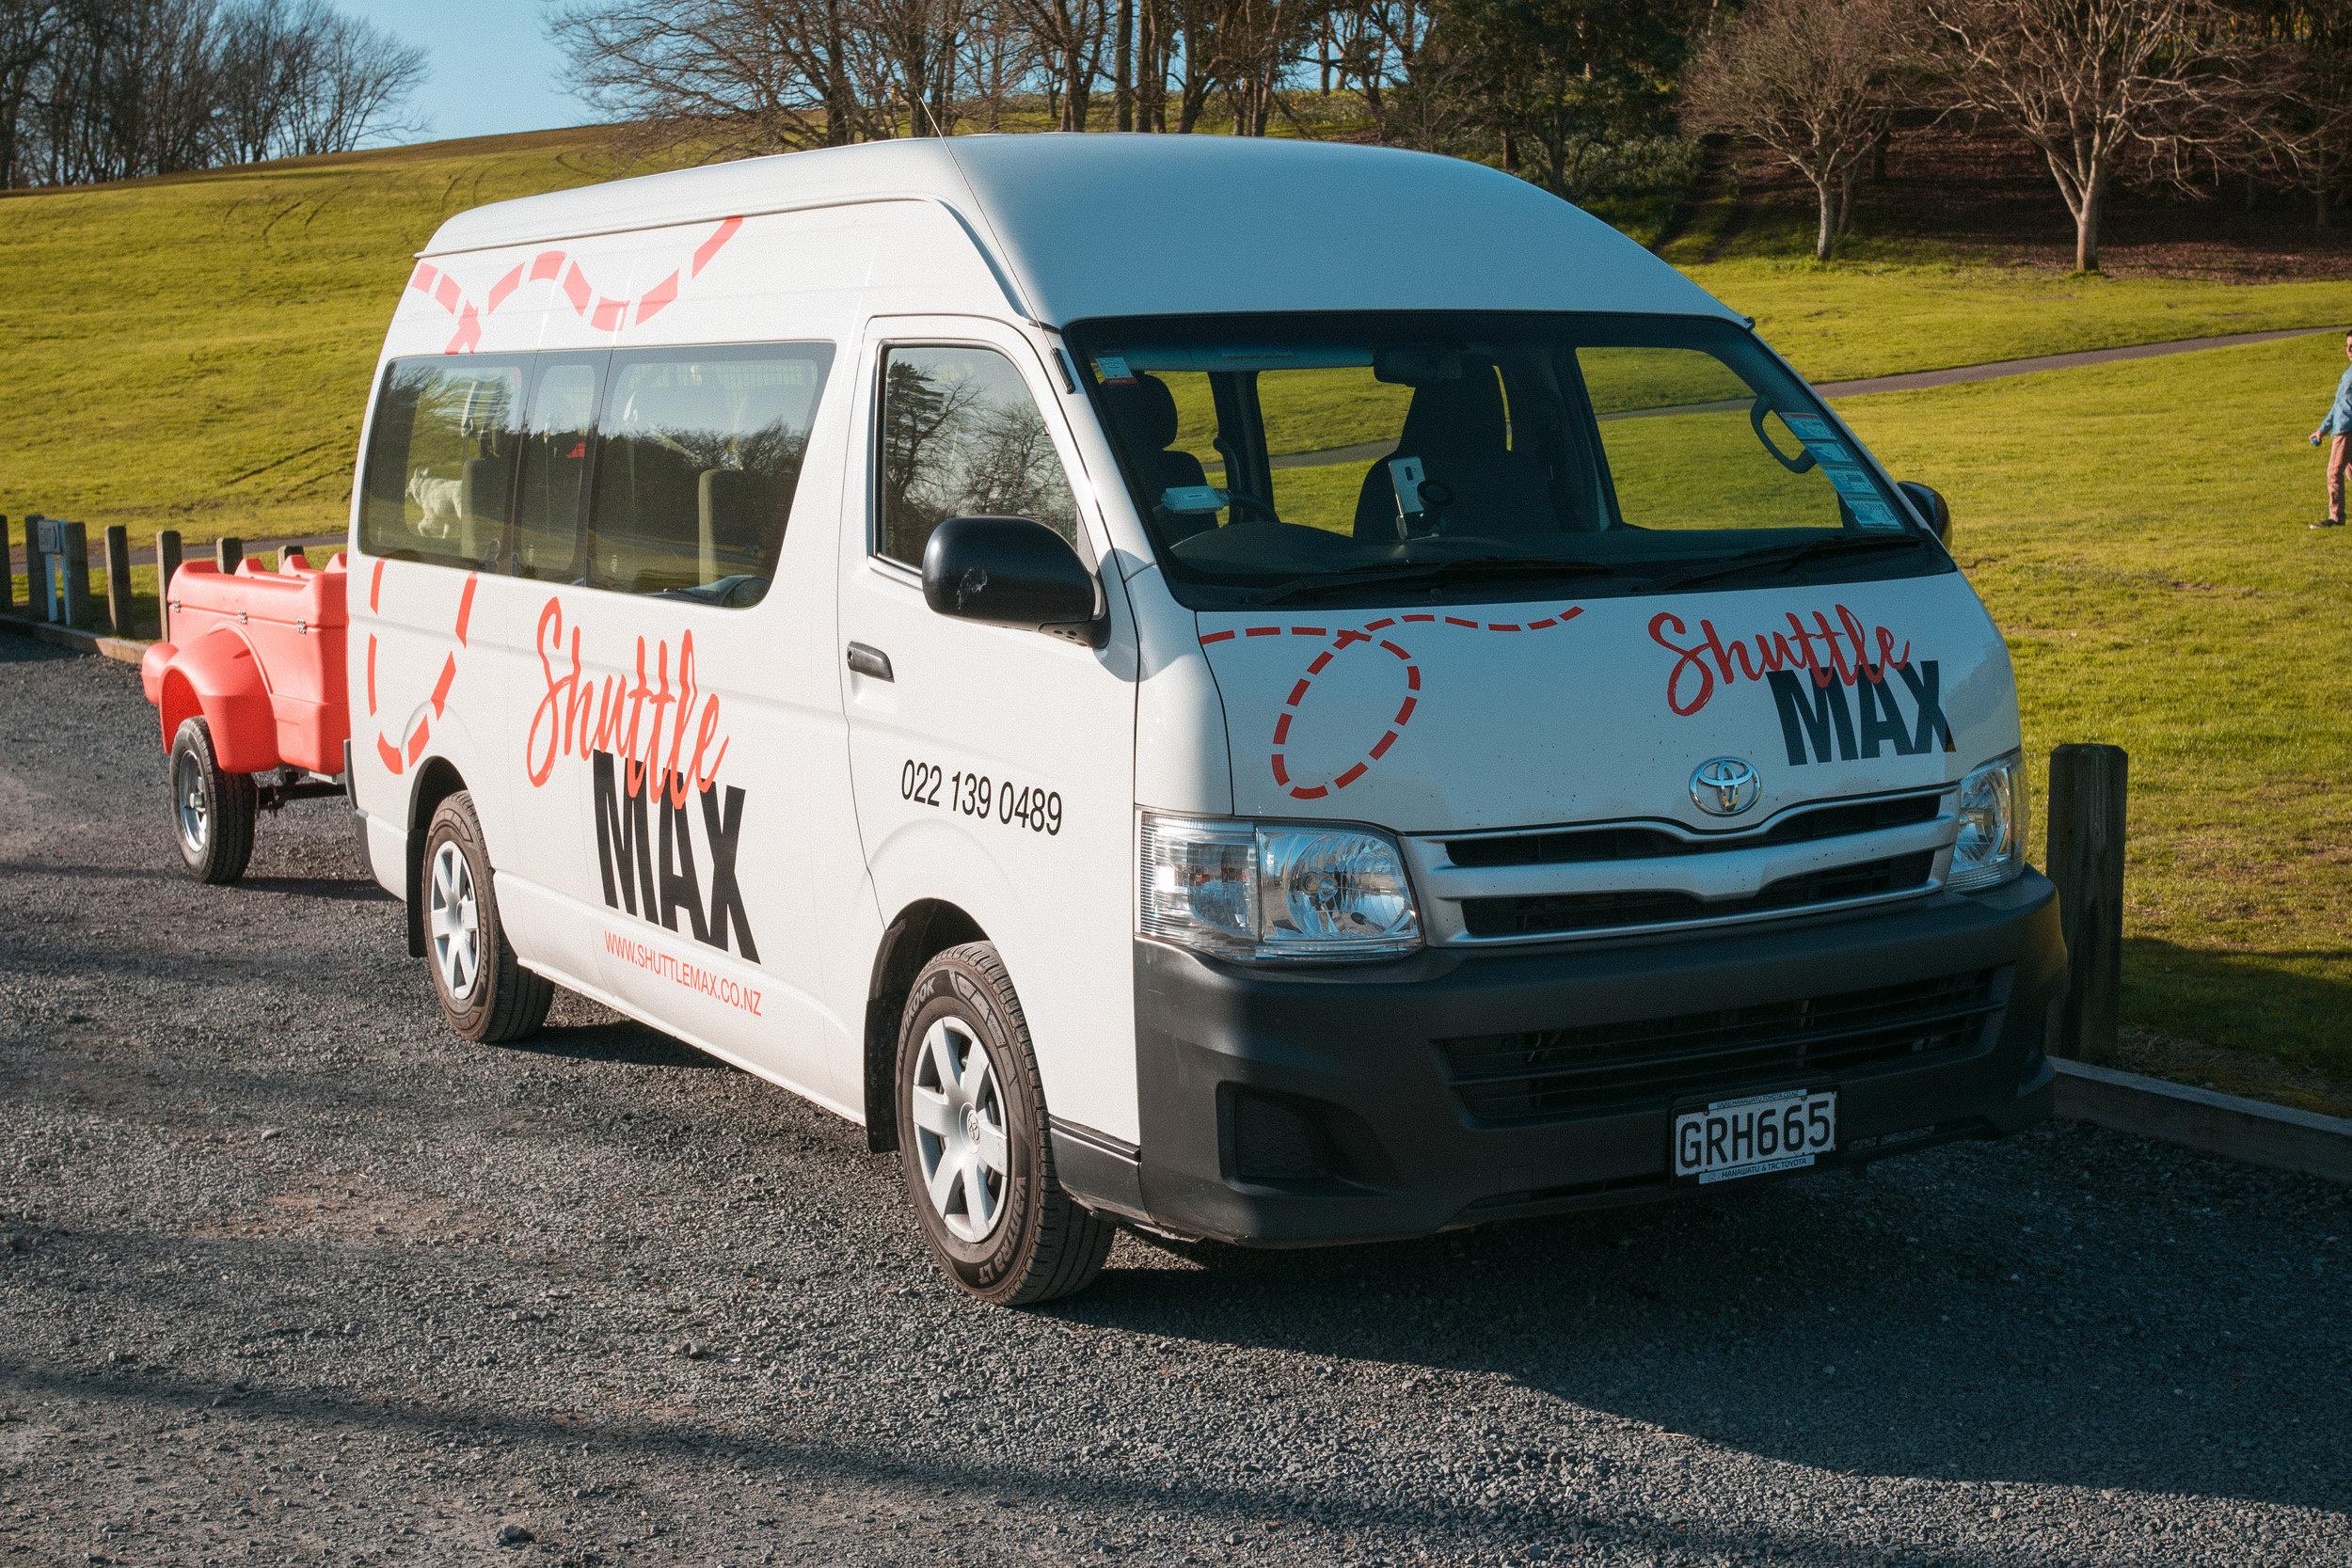 ShuttleMax-Van-Shuttles-Travelling.jpg